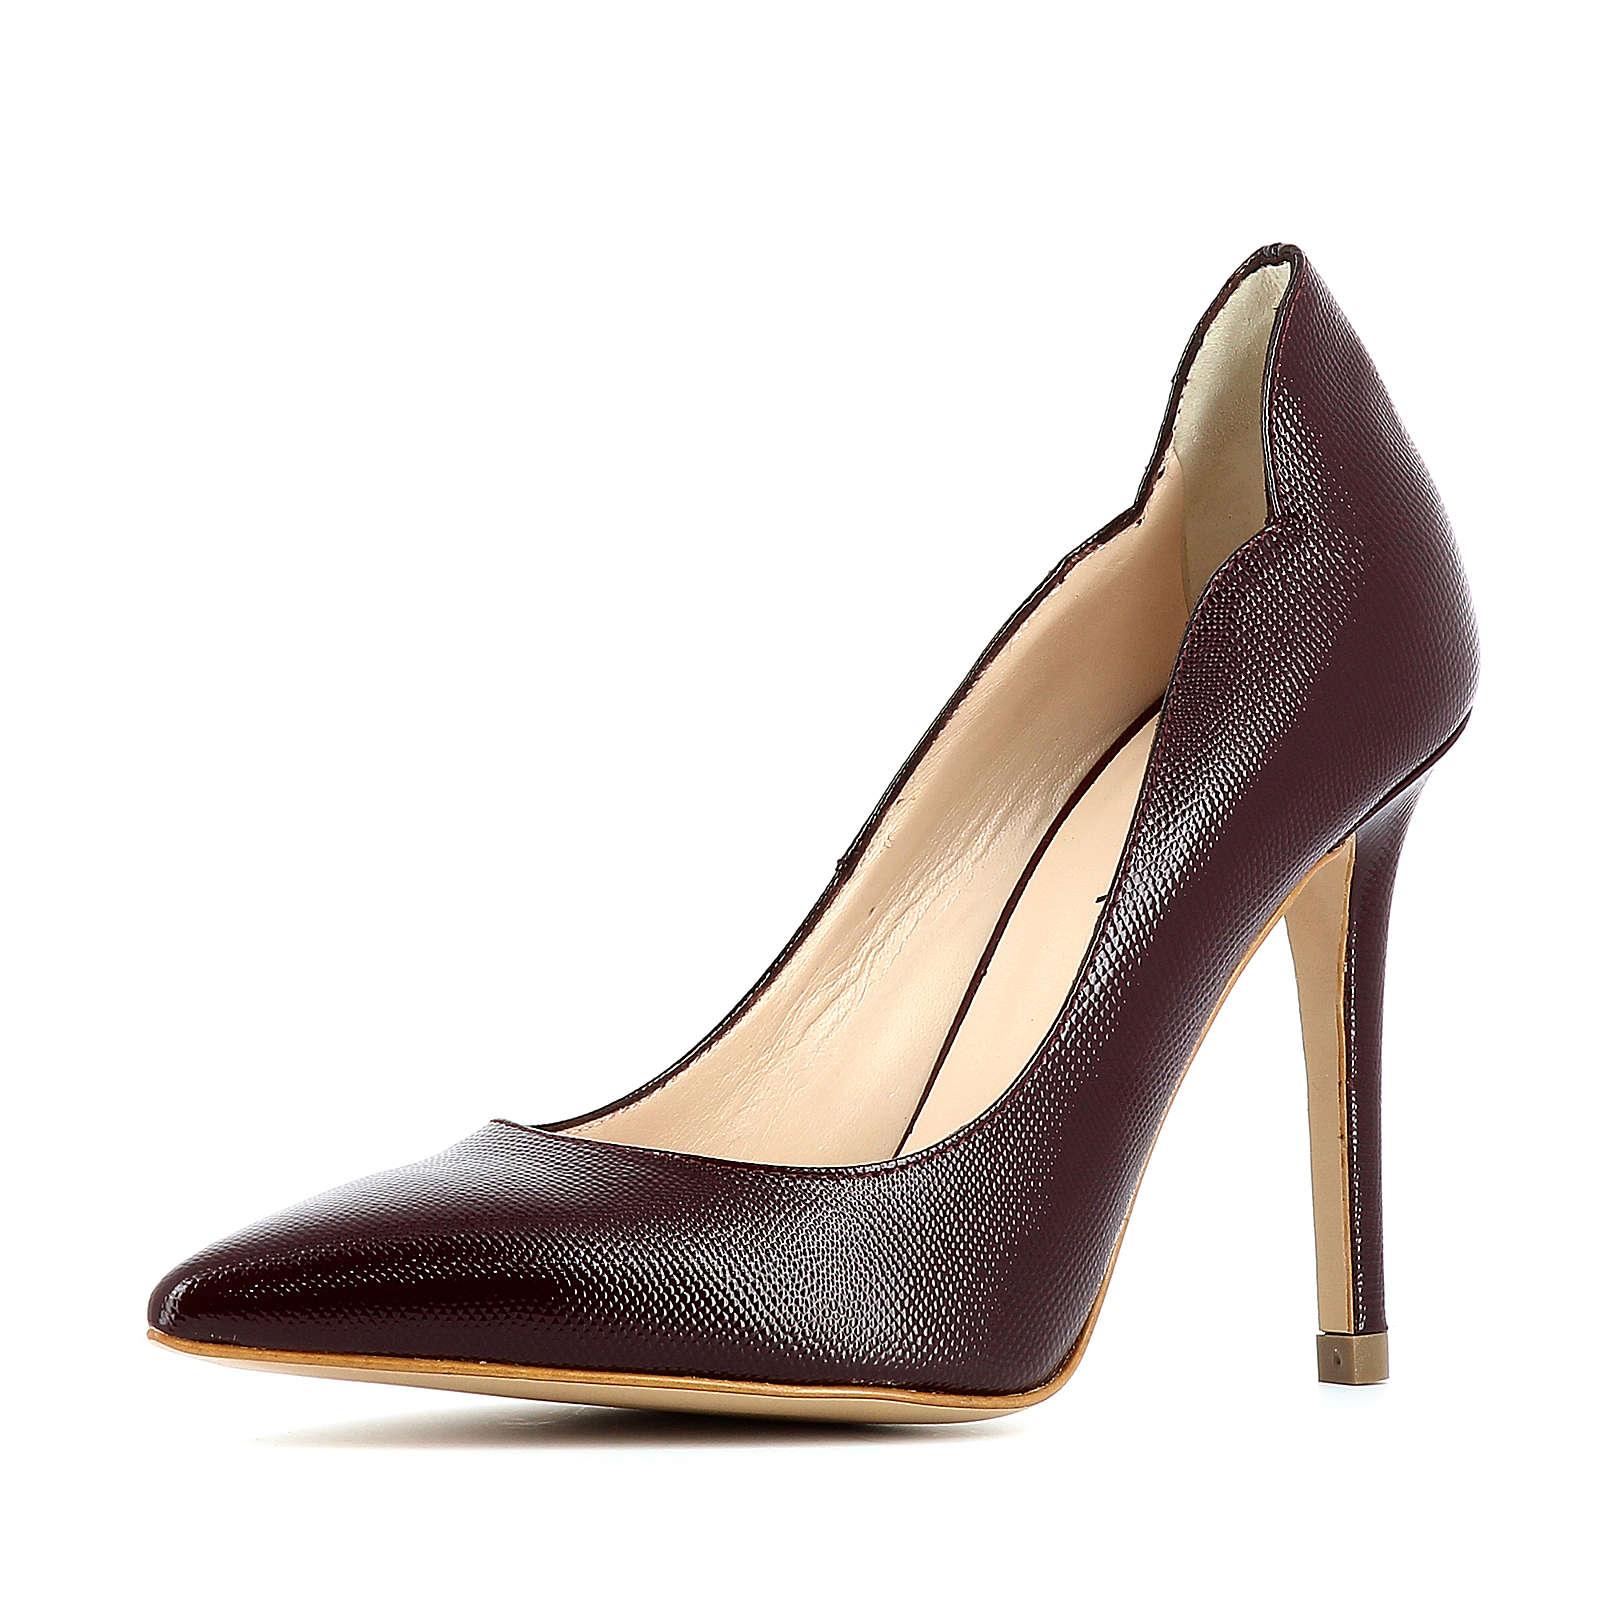 Evita Shoes Pumps bordeaux Damen Gr. 35